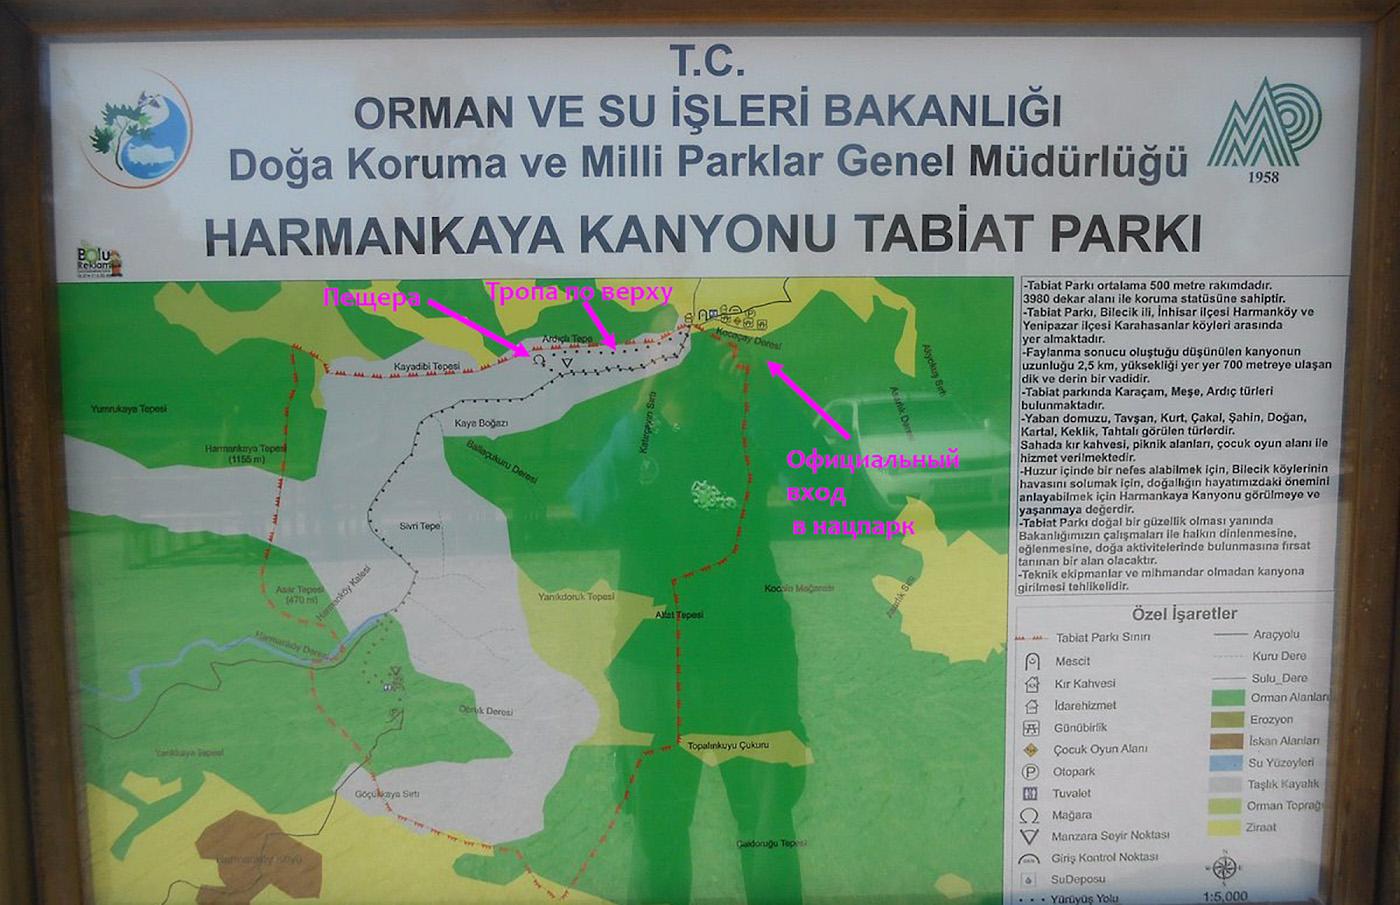 28. Схема маршрута на смотровую площадку каньона Харманкая, который наряду с Тазы заслуживает внимание туристов.